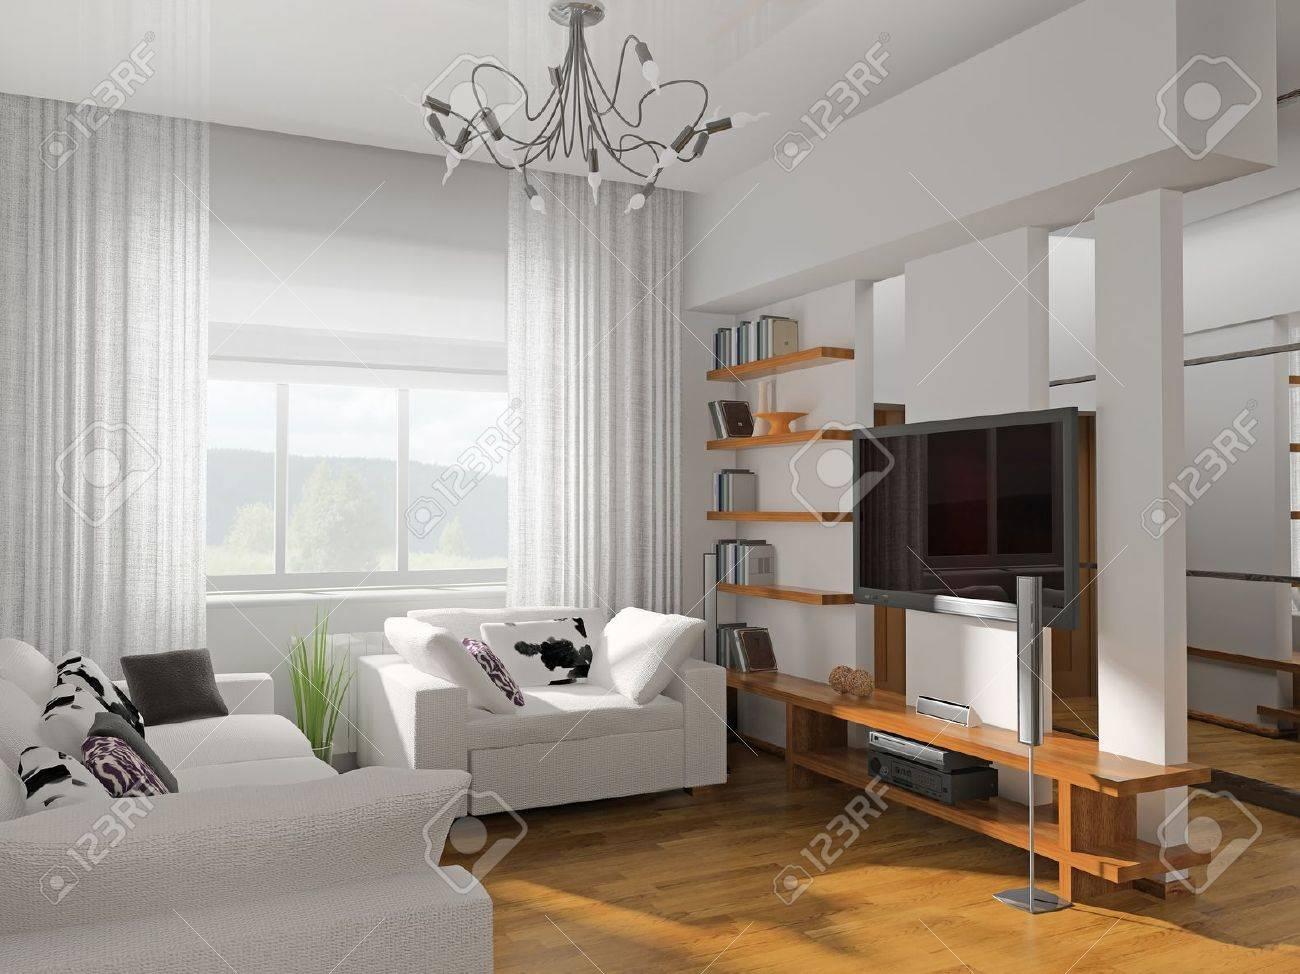 Vardagsrum med moderna möbler 3d royalty fria stockfoton, bilder ...